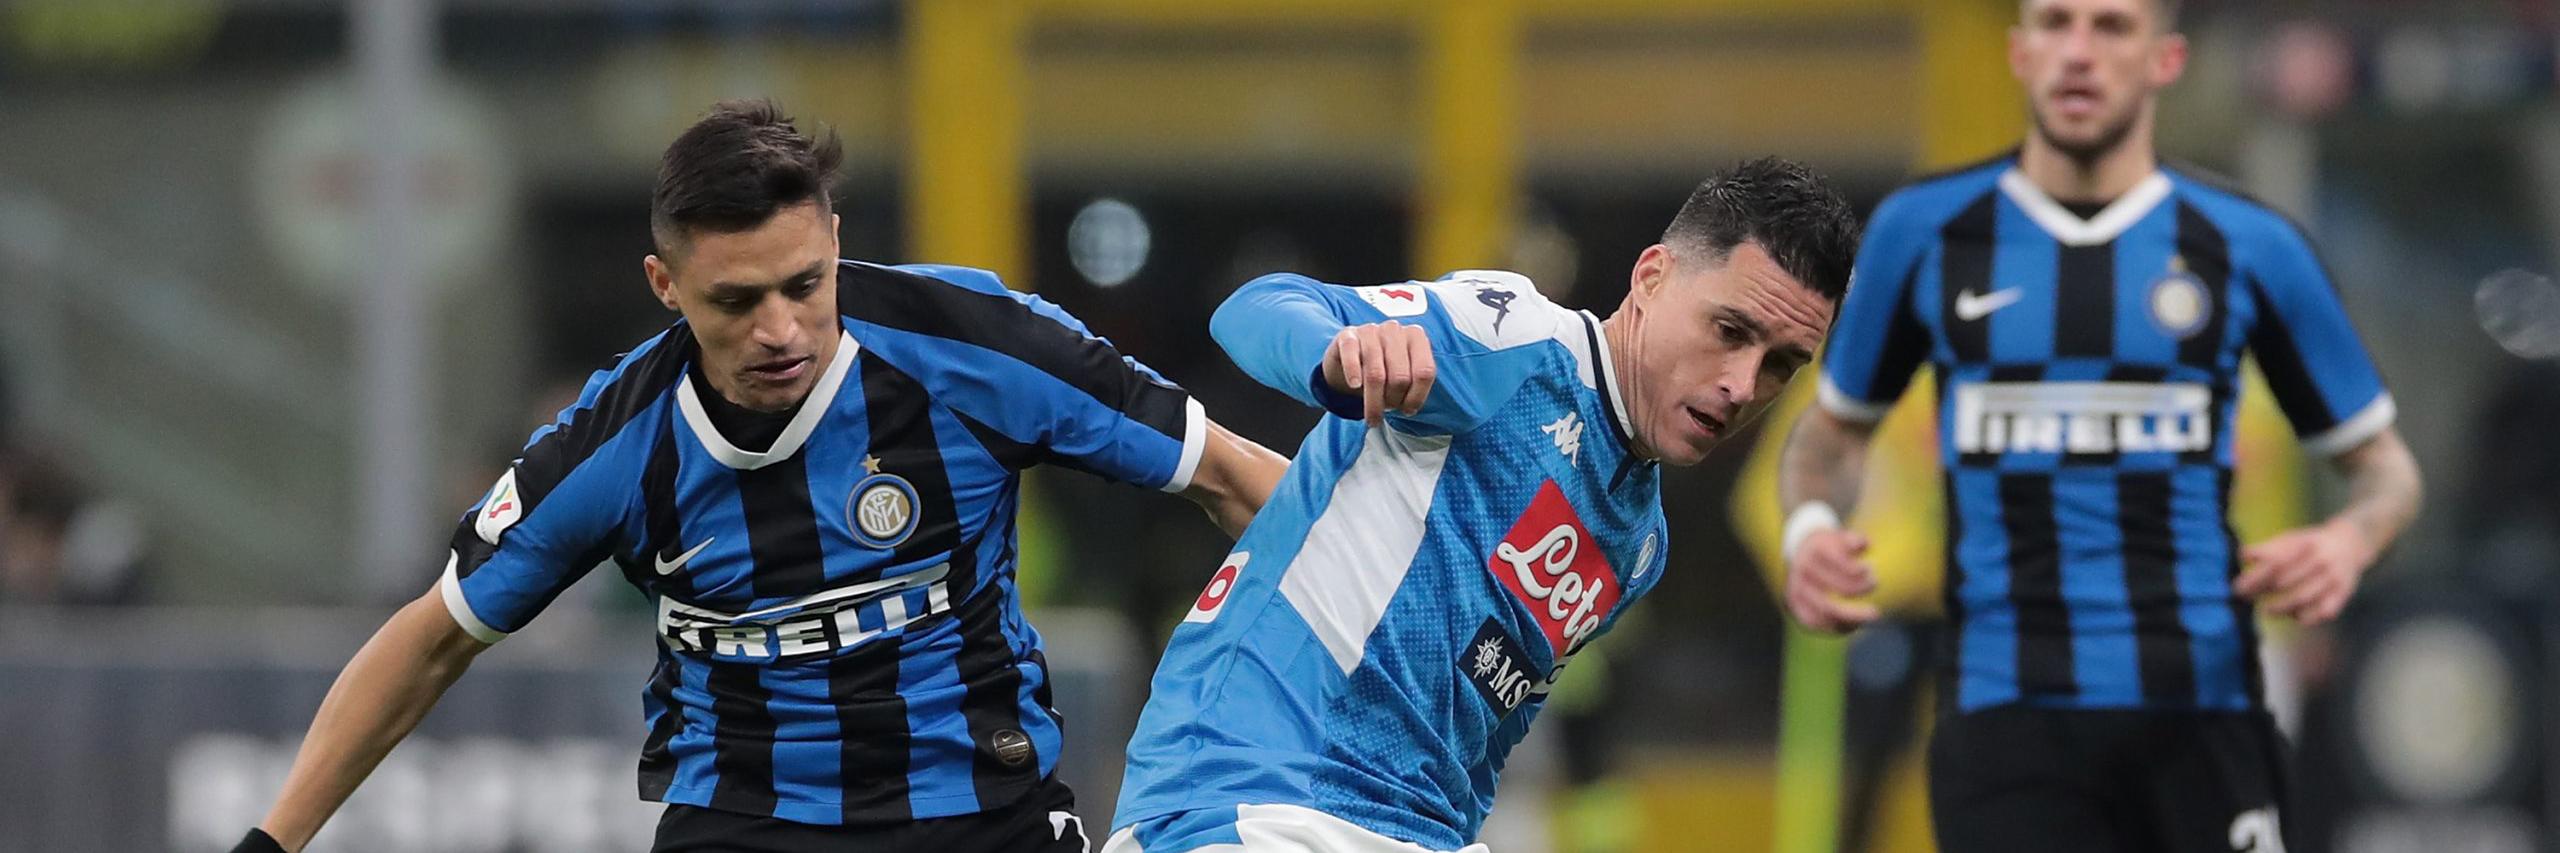 Coppa Italia Inter Vs Napoli Semi-Final Match